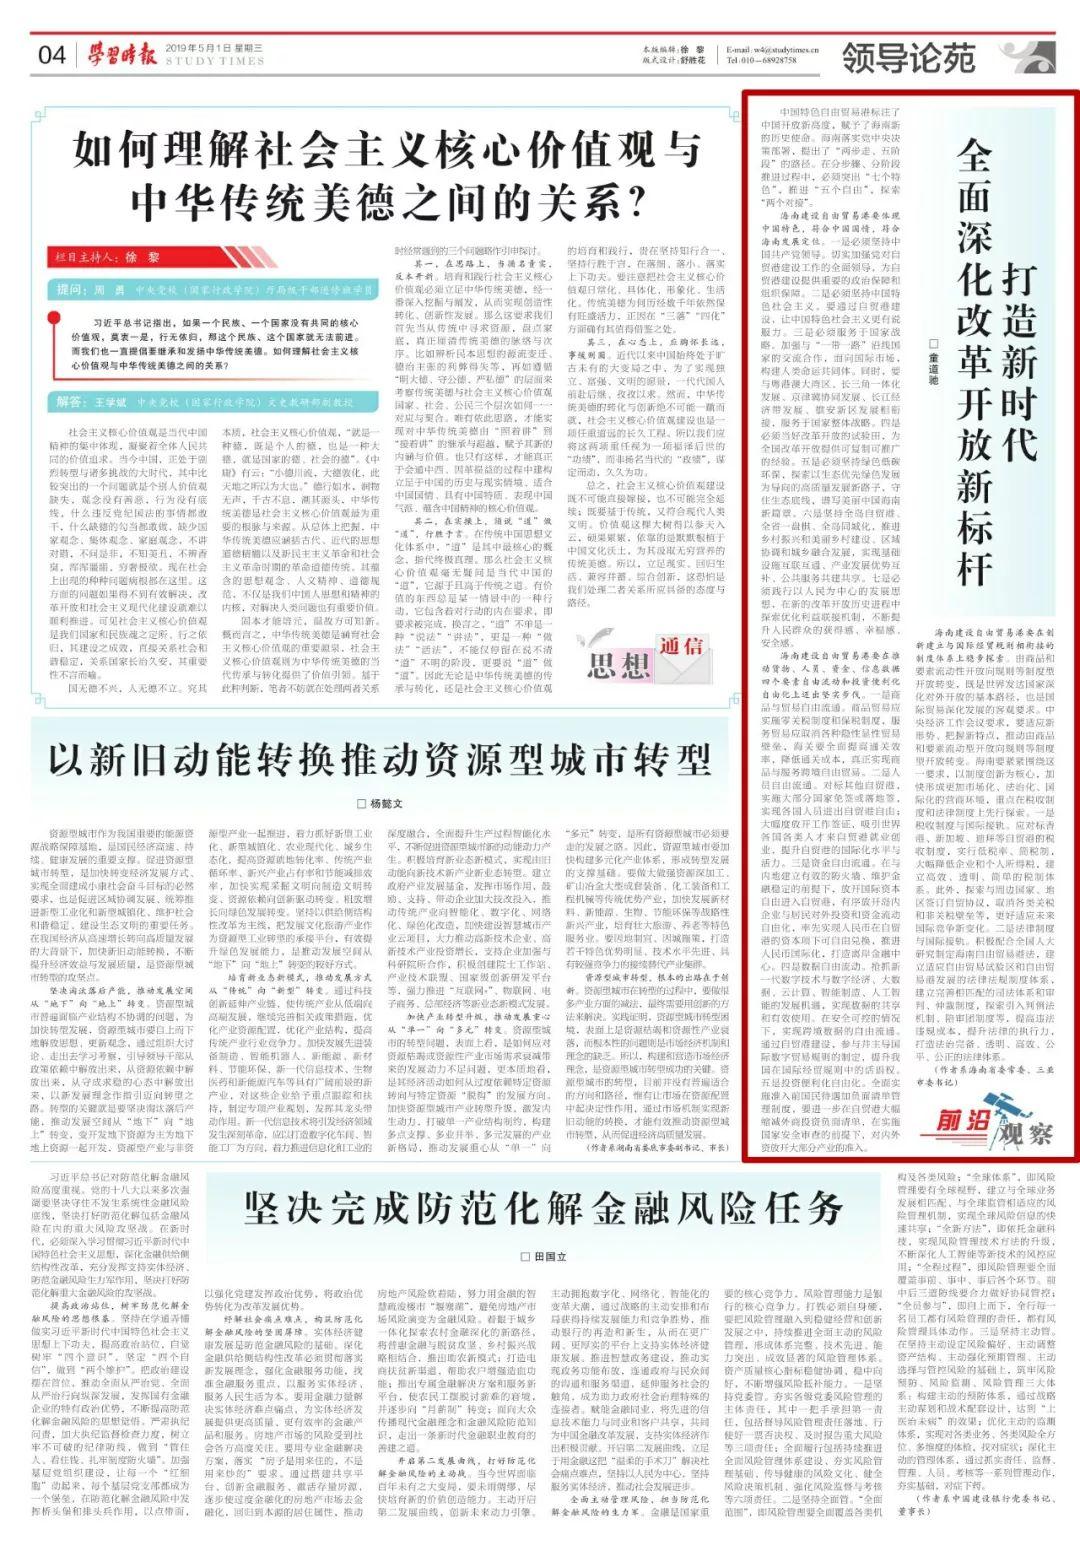 《学习时报》刊发童道驰署名文章:打造新时代全面深化改革开放新标杆